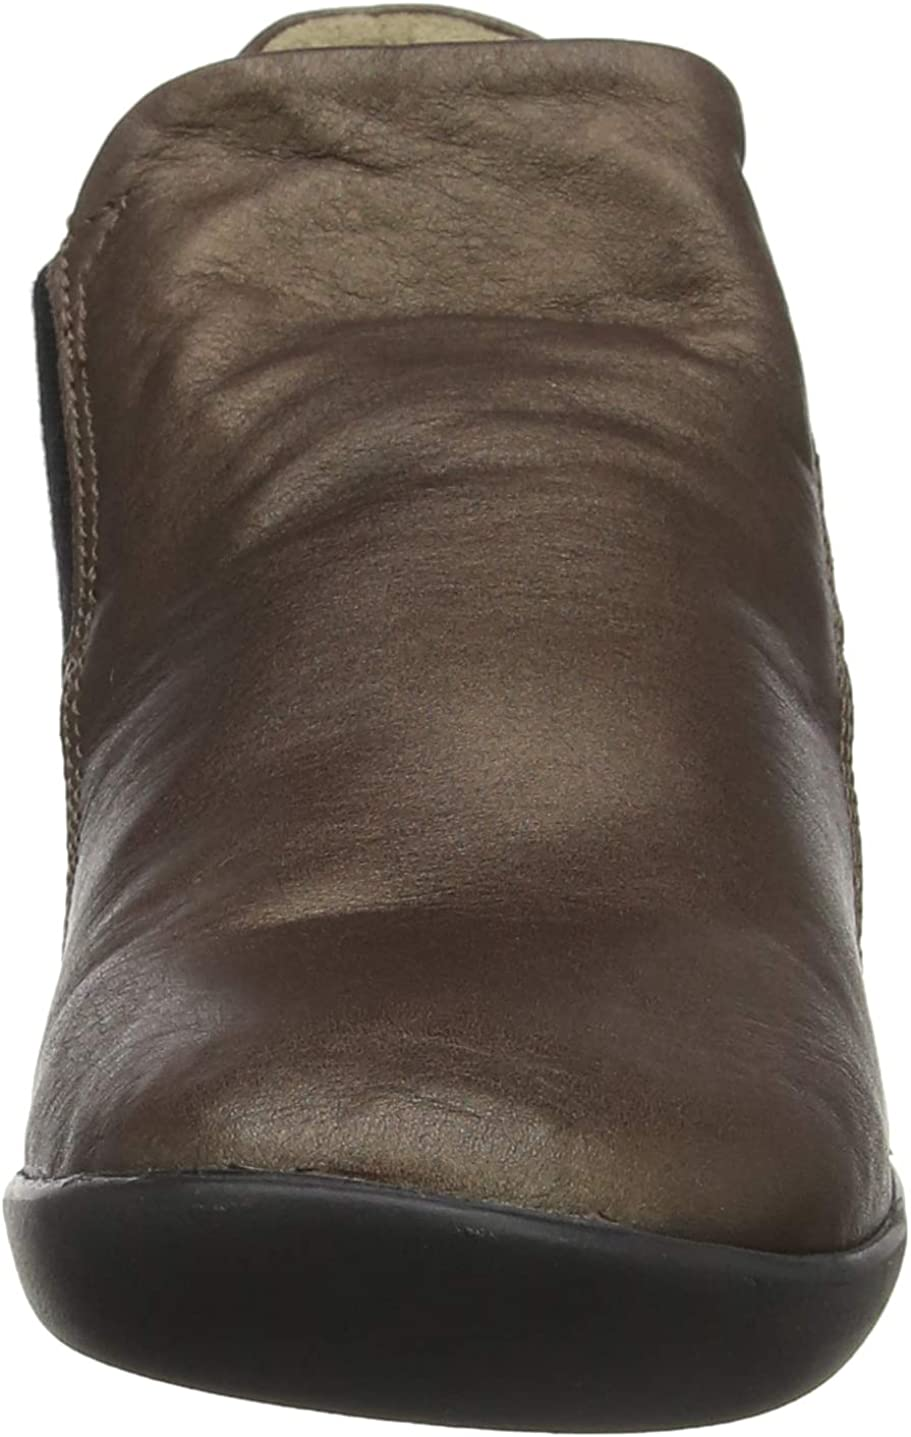 Softinos Nast551sof, Botines para Mujer Marrón Dk Brown 001 lnIIP